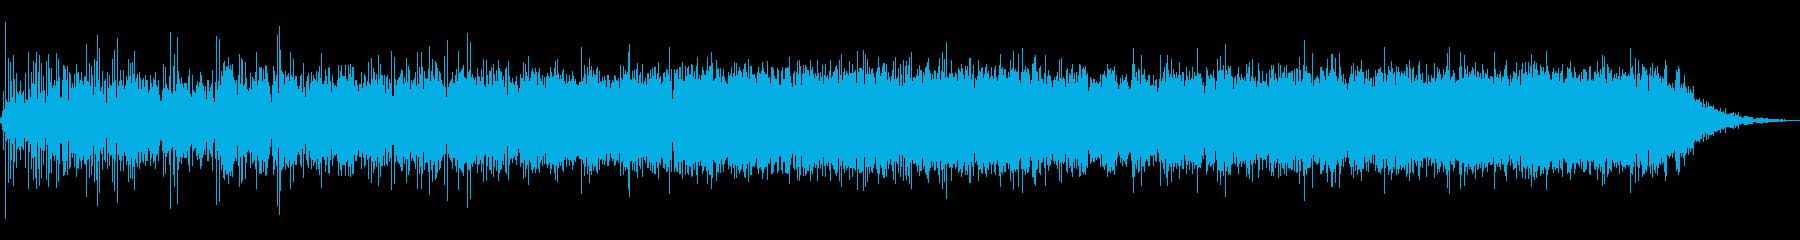 ミステリアスな電子音楽の再生済みの波形